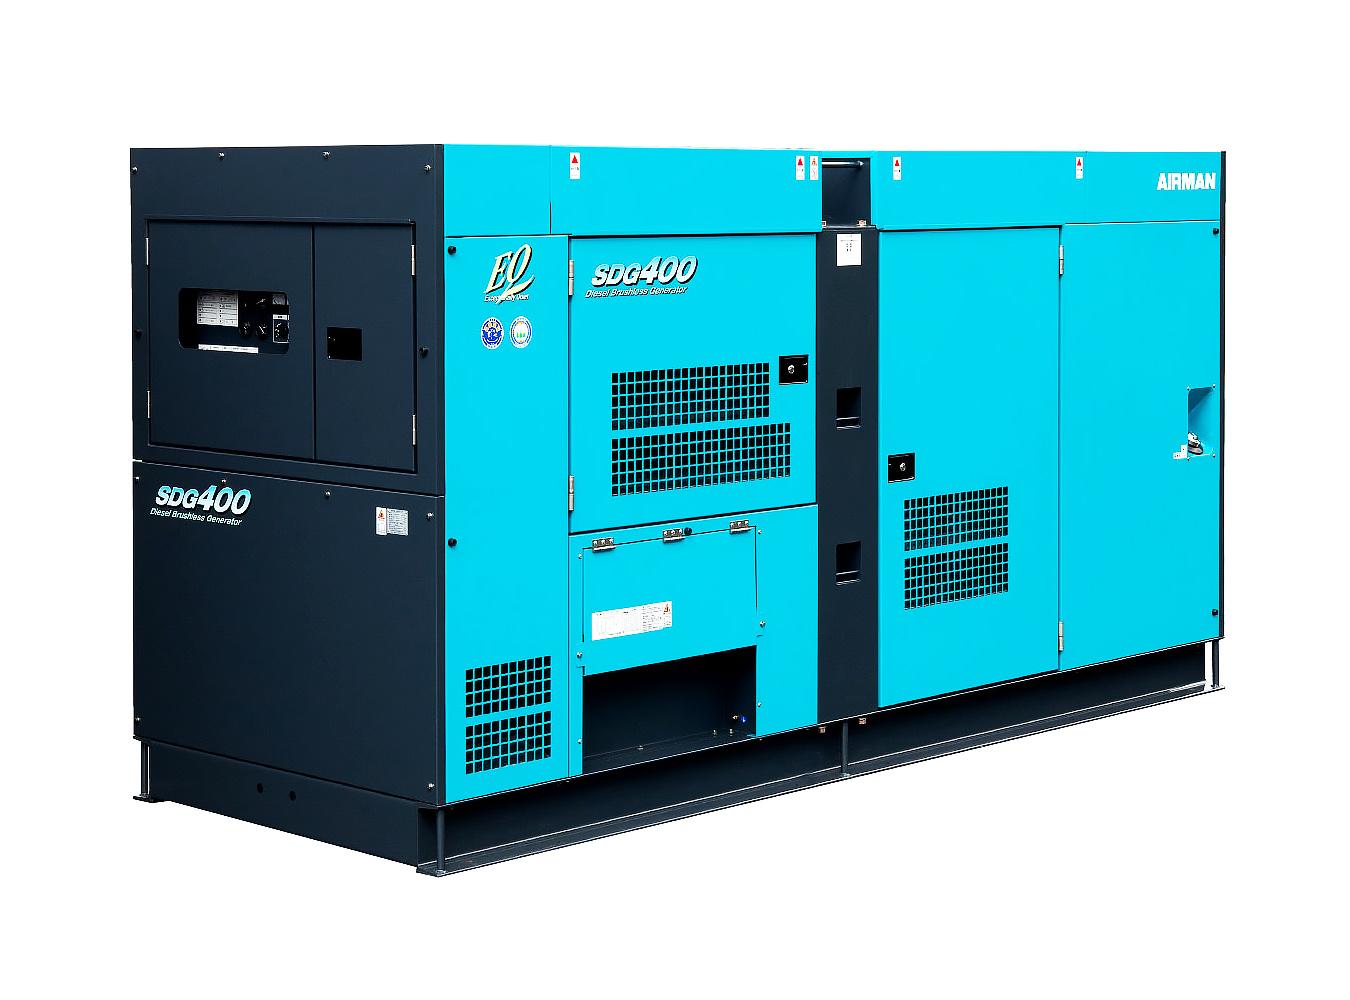 Дизельный генератор (электростанция) AIRMAN SDG400S